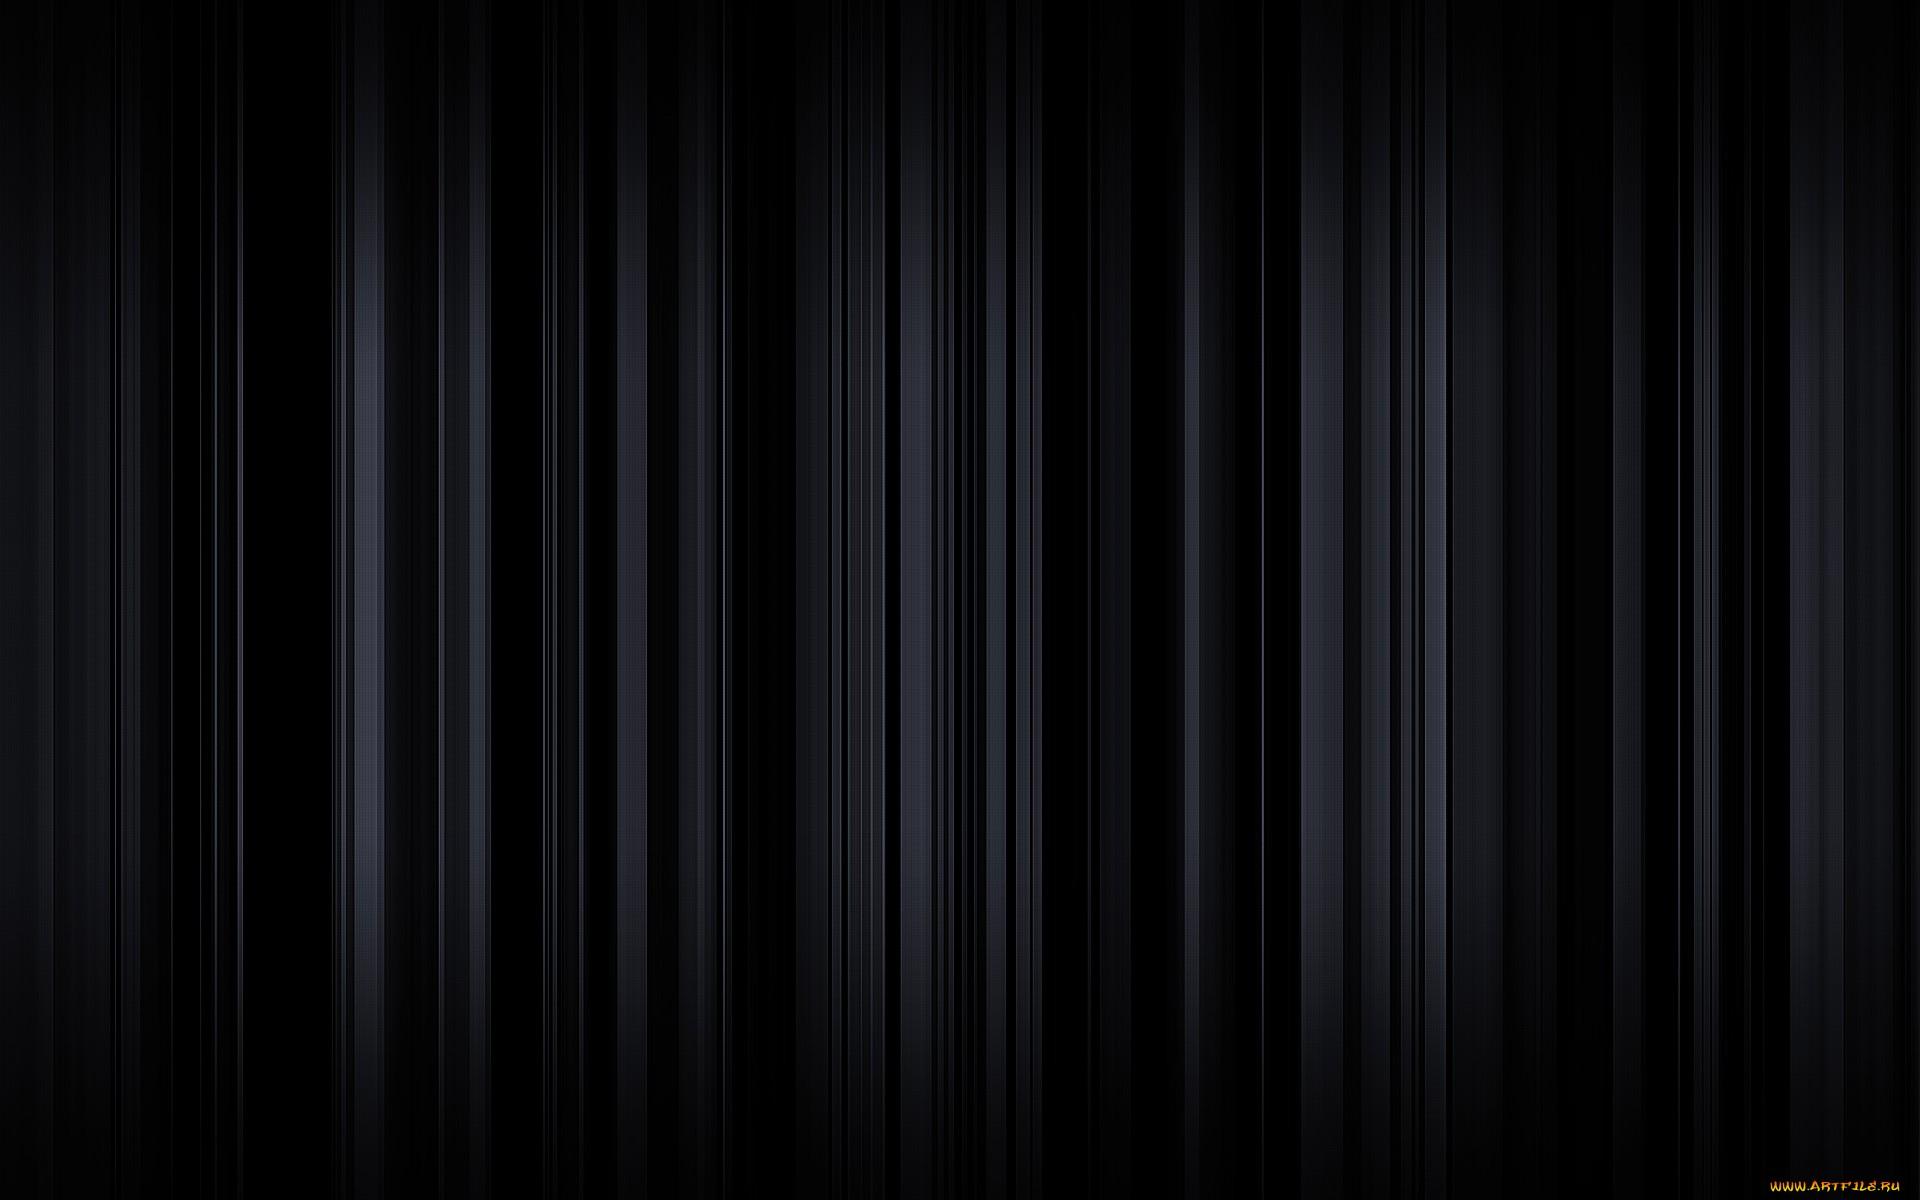 Текстура черная полосы  № 1312660 без смс